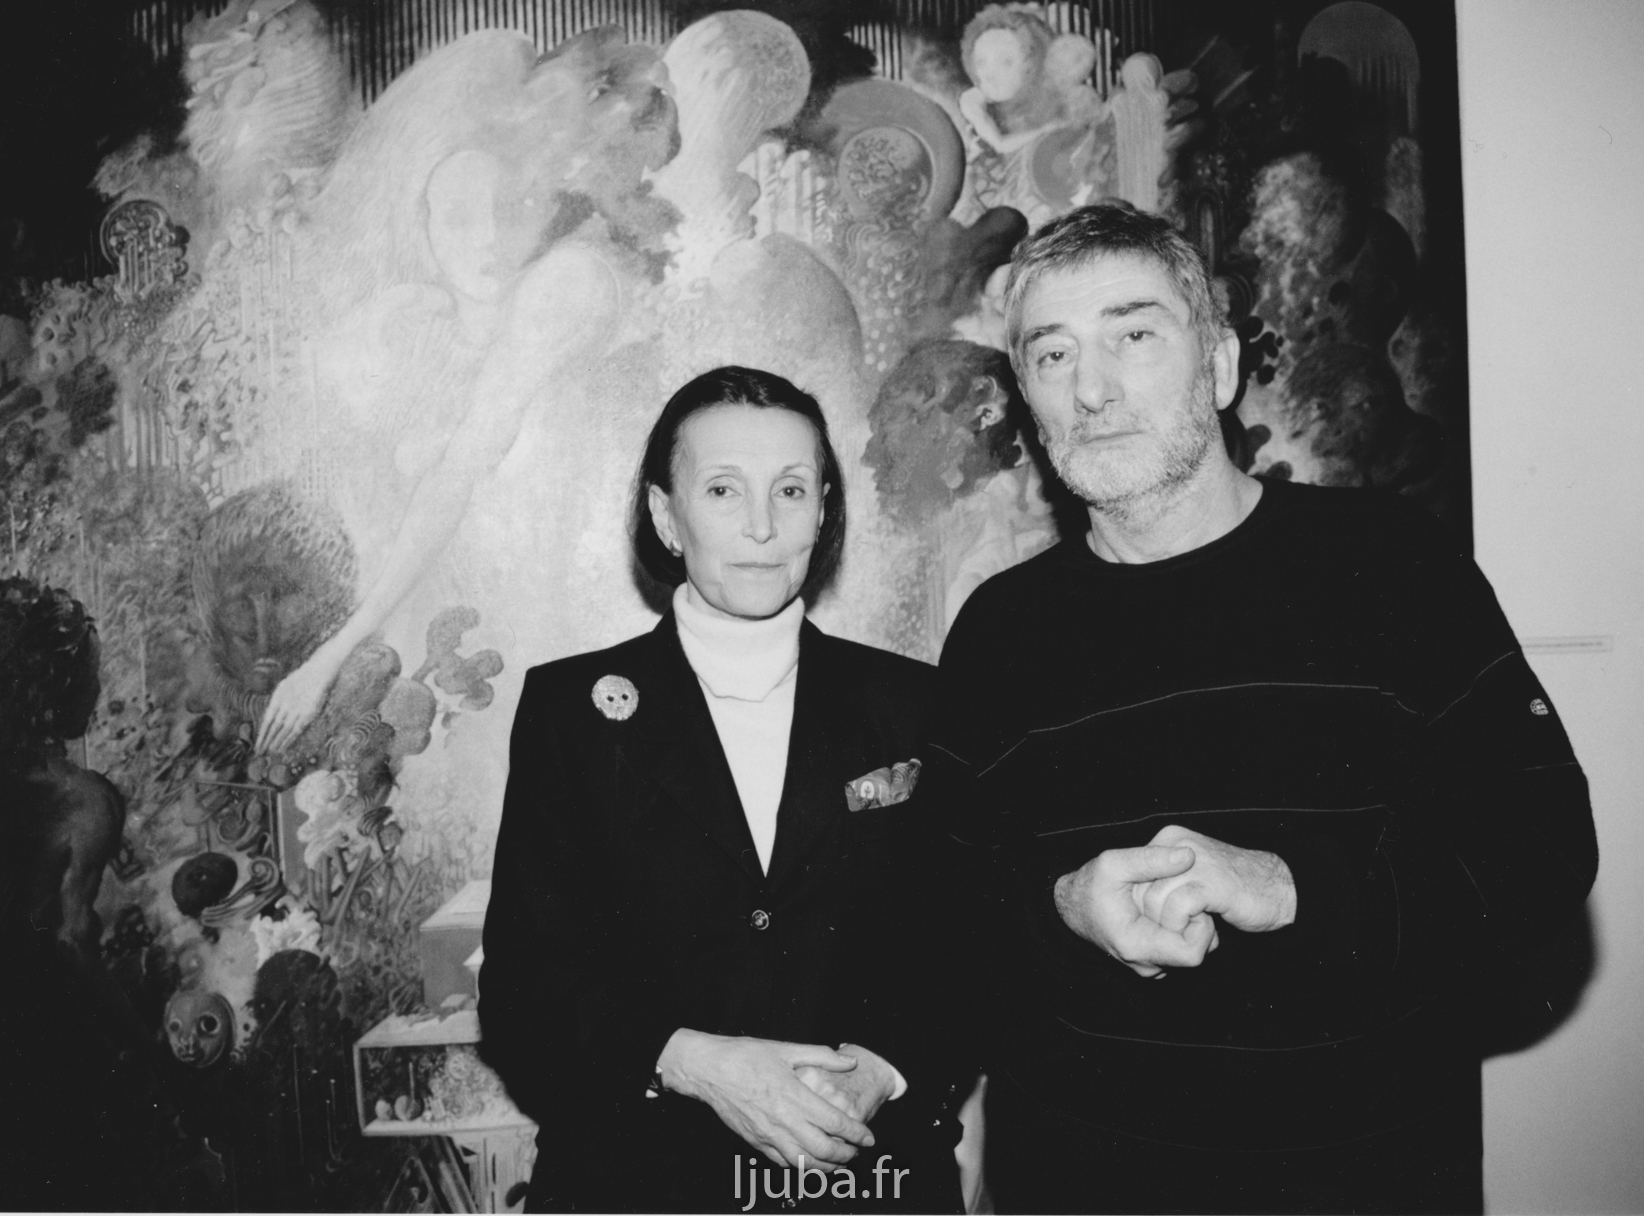 69. 1998., Ljuba i Tesa Erold_